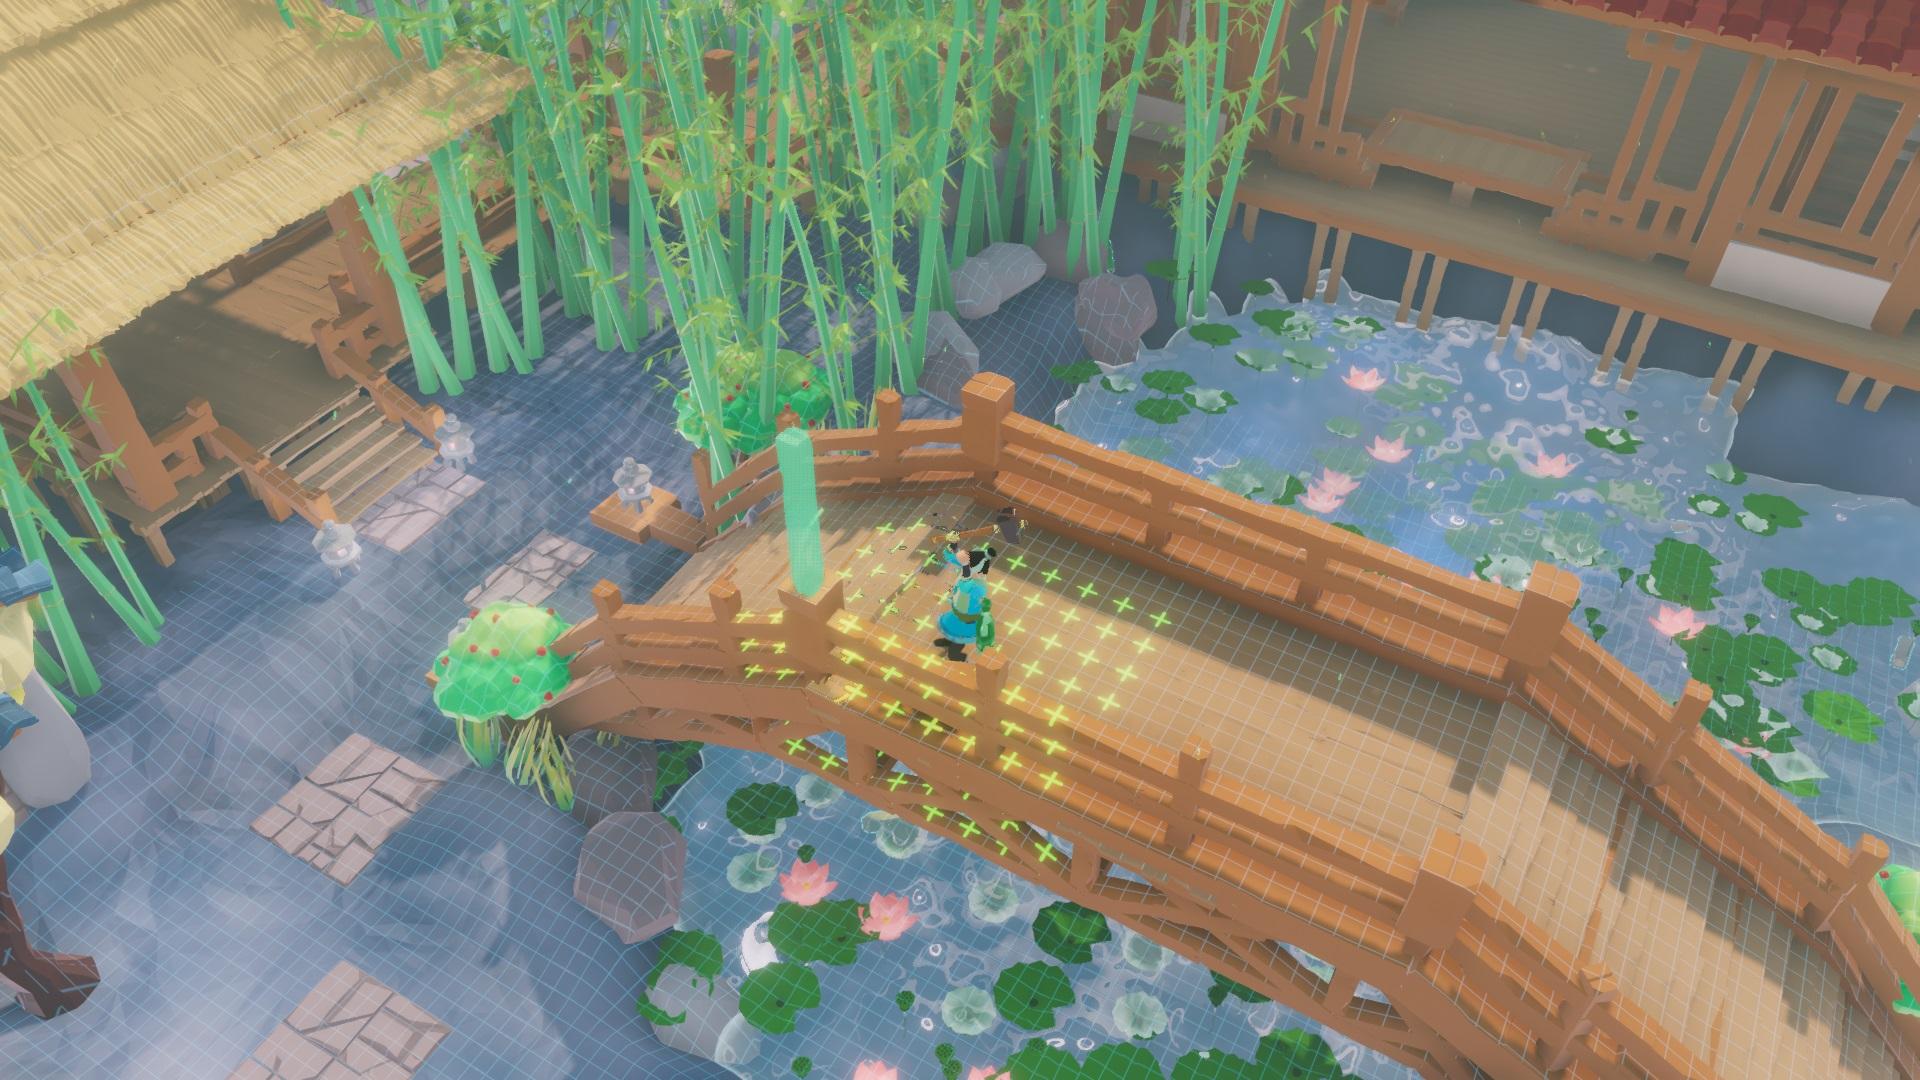 国产沙盒生存游戏《无径之林》发布新预告 2022年发售